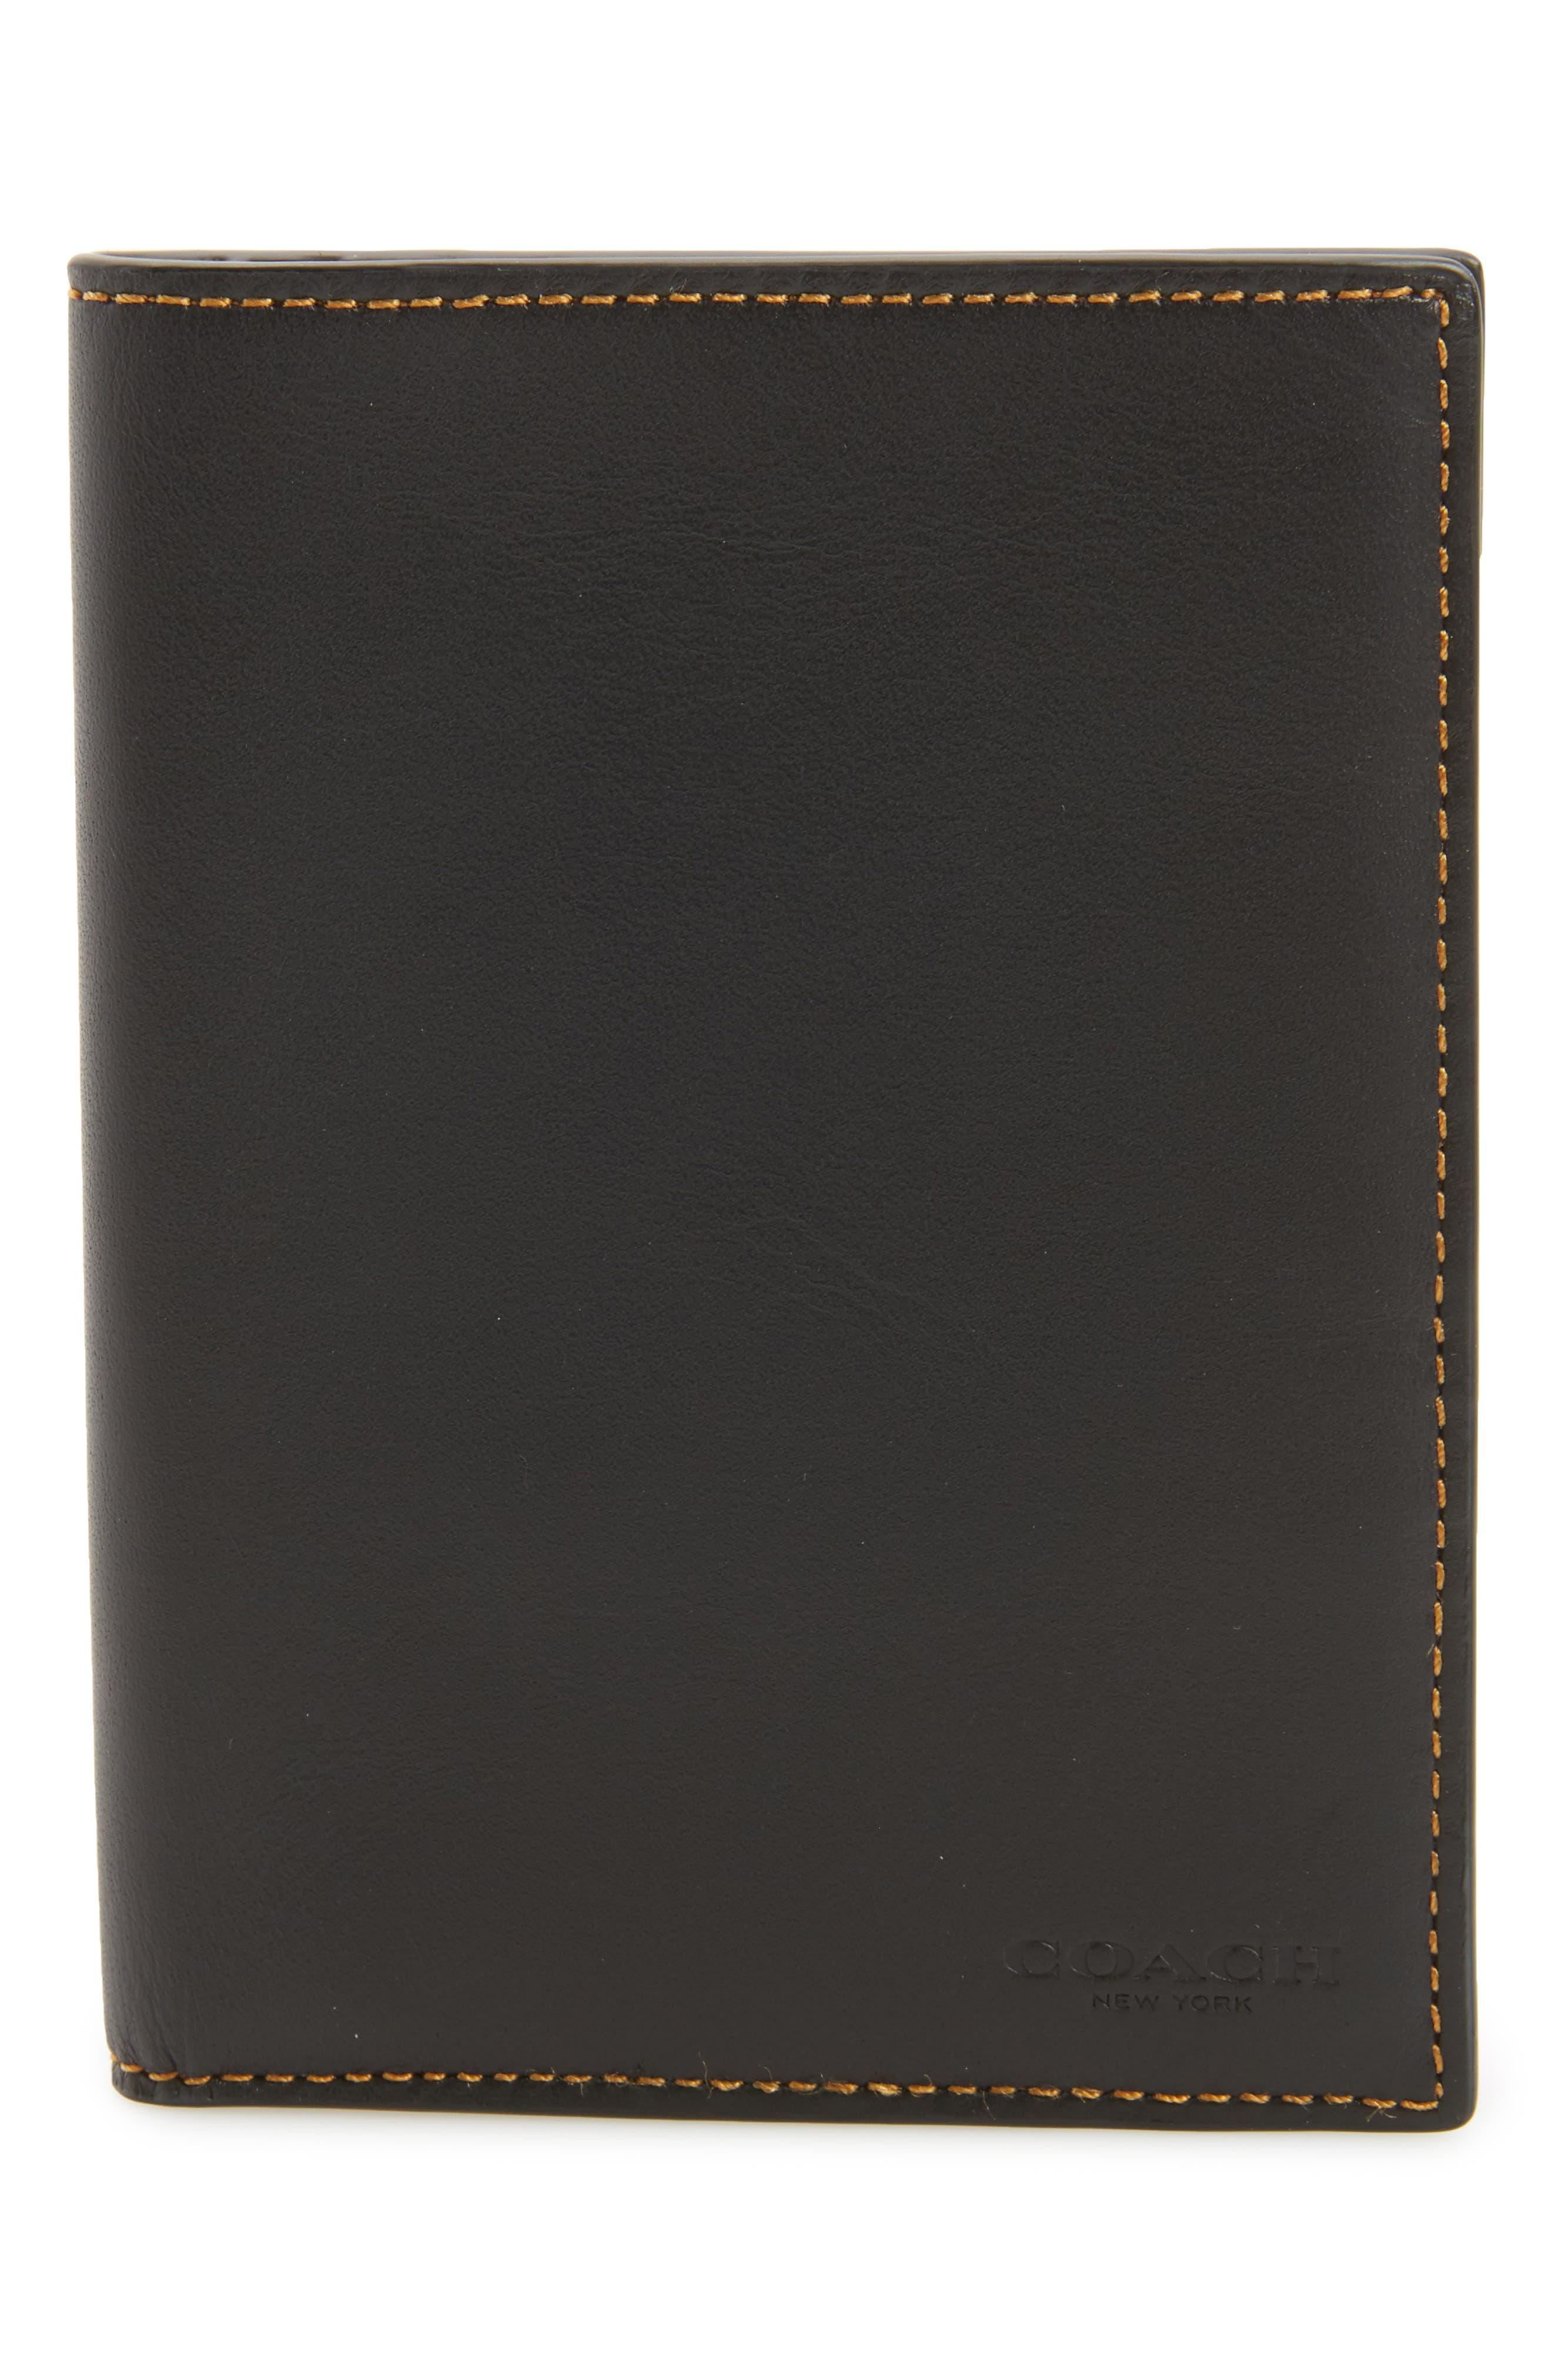 Leather Passport Case,                             Main thumbnail 1, color,                             Black